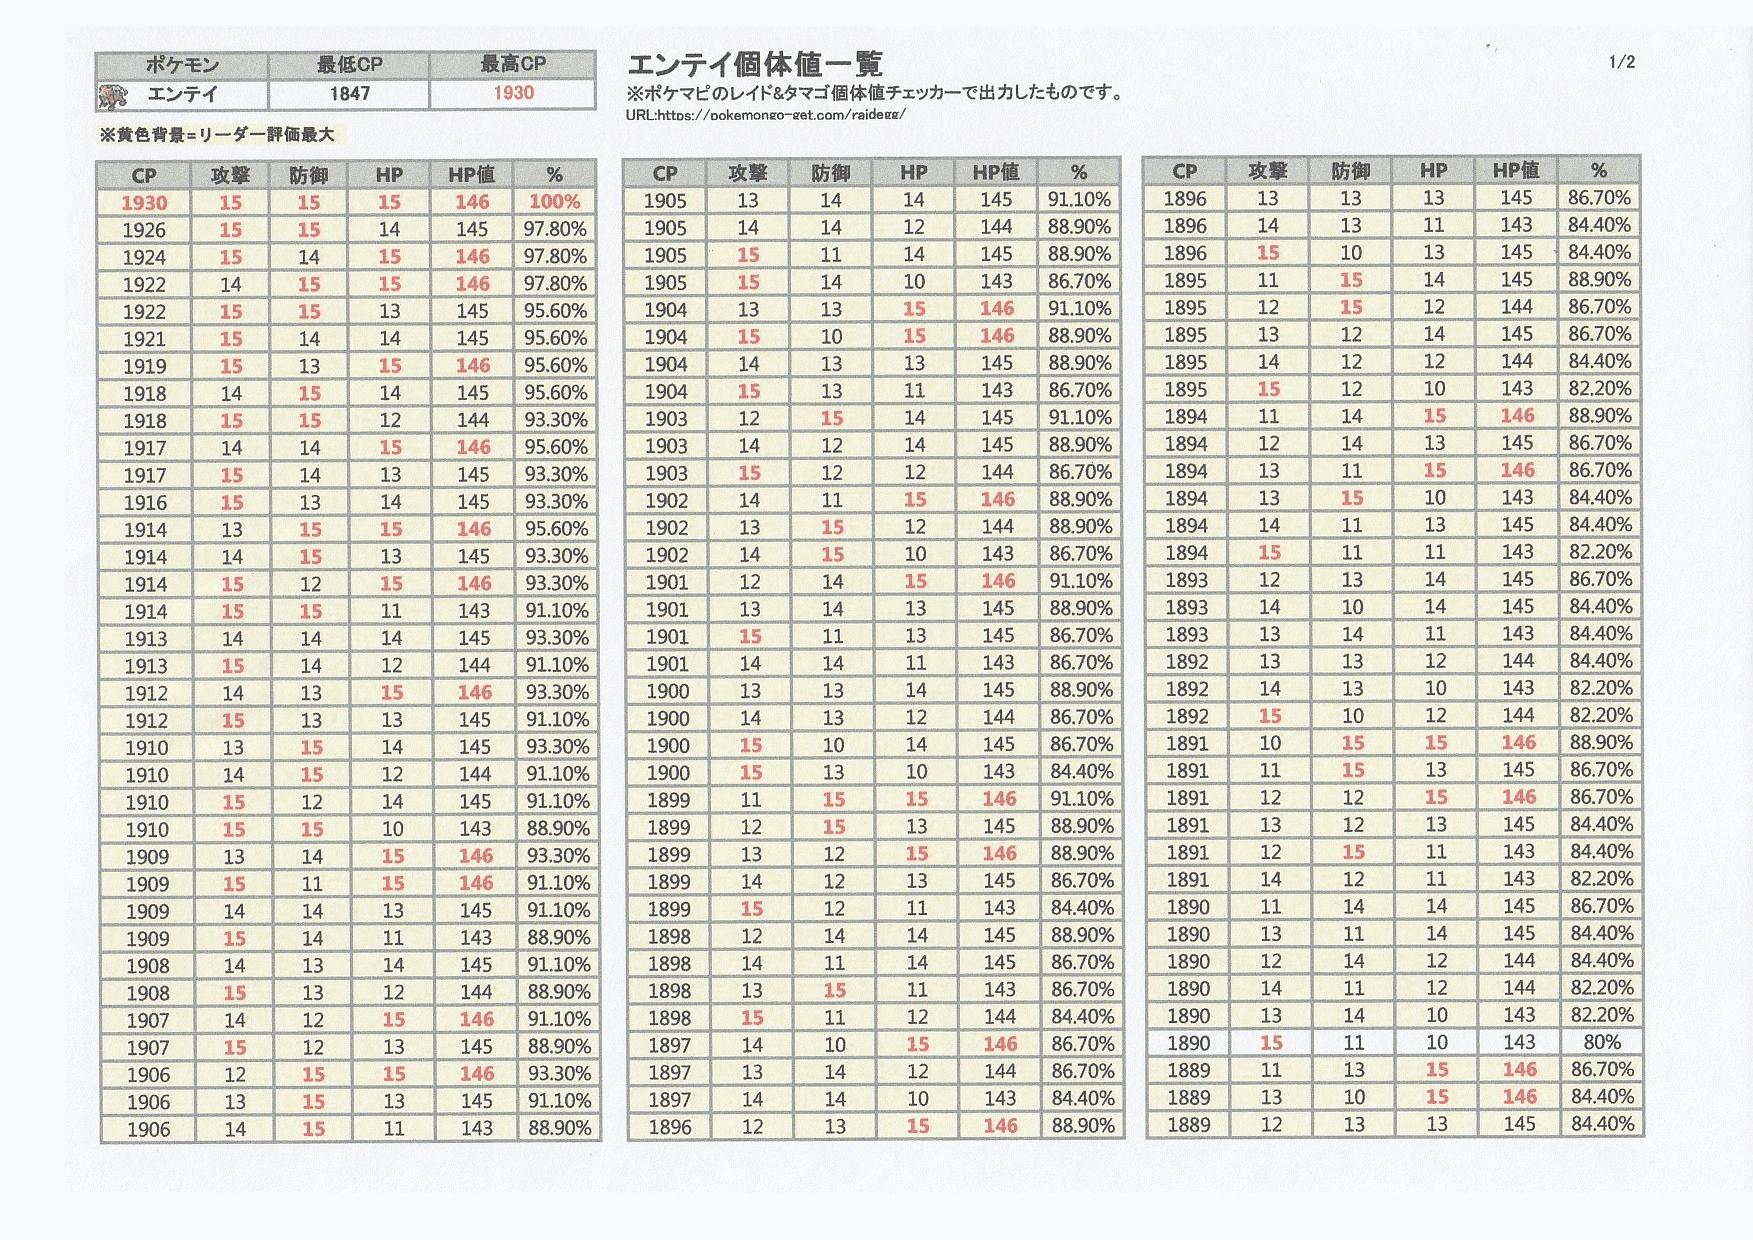 値 ギラティナ ハイパー リーグ 個体